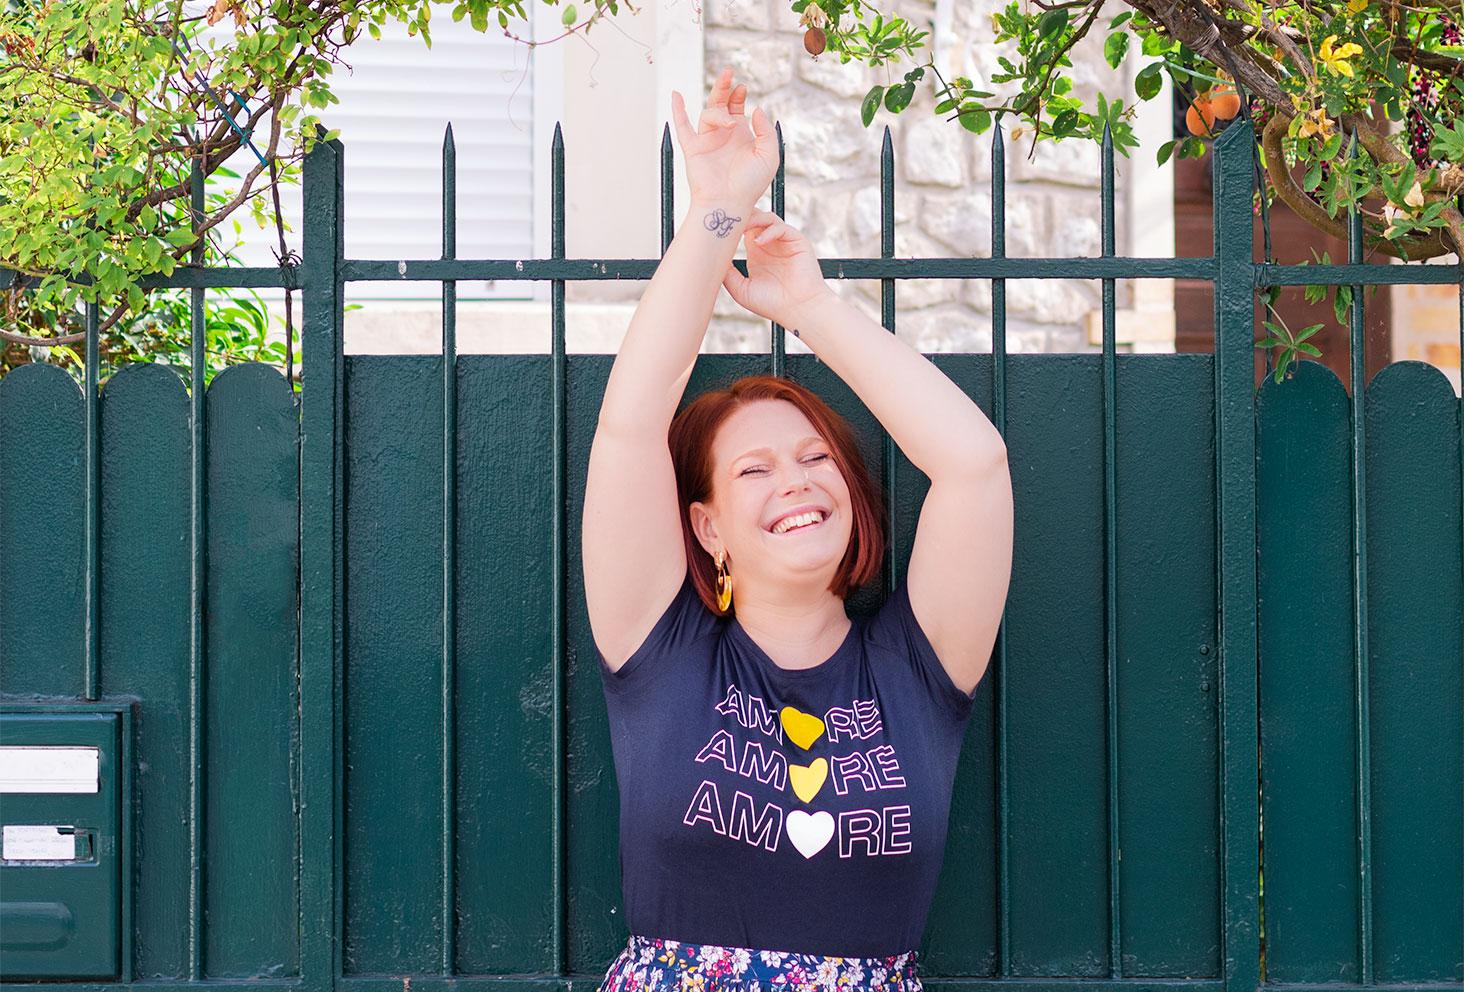 Le t-shirt au motif Amore bleu de Naf-naf porté pour la rentrée, les bras en l'air avec le sourire, le long d'un portail vert